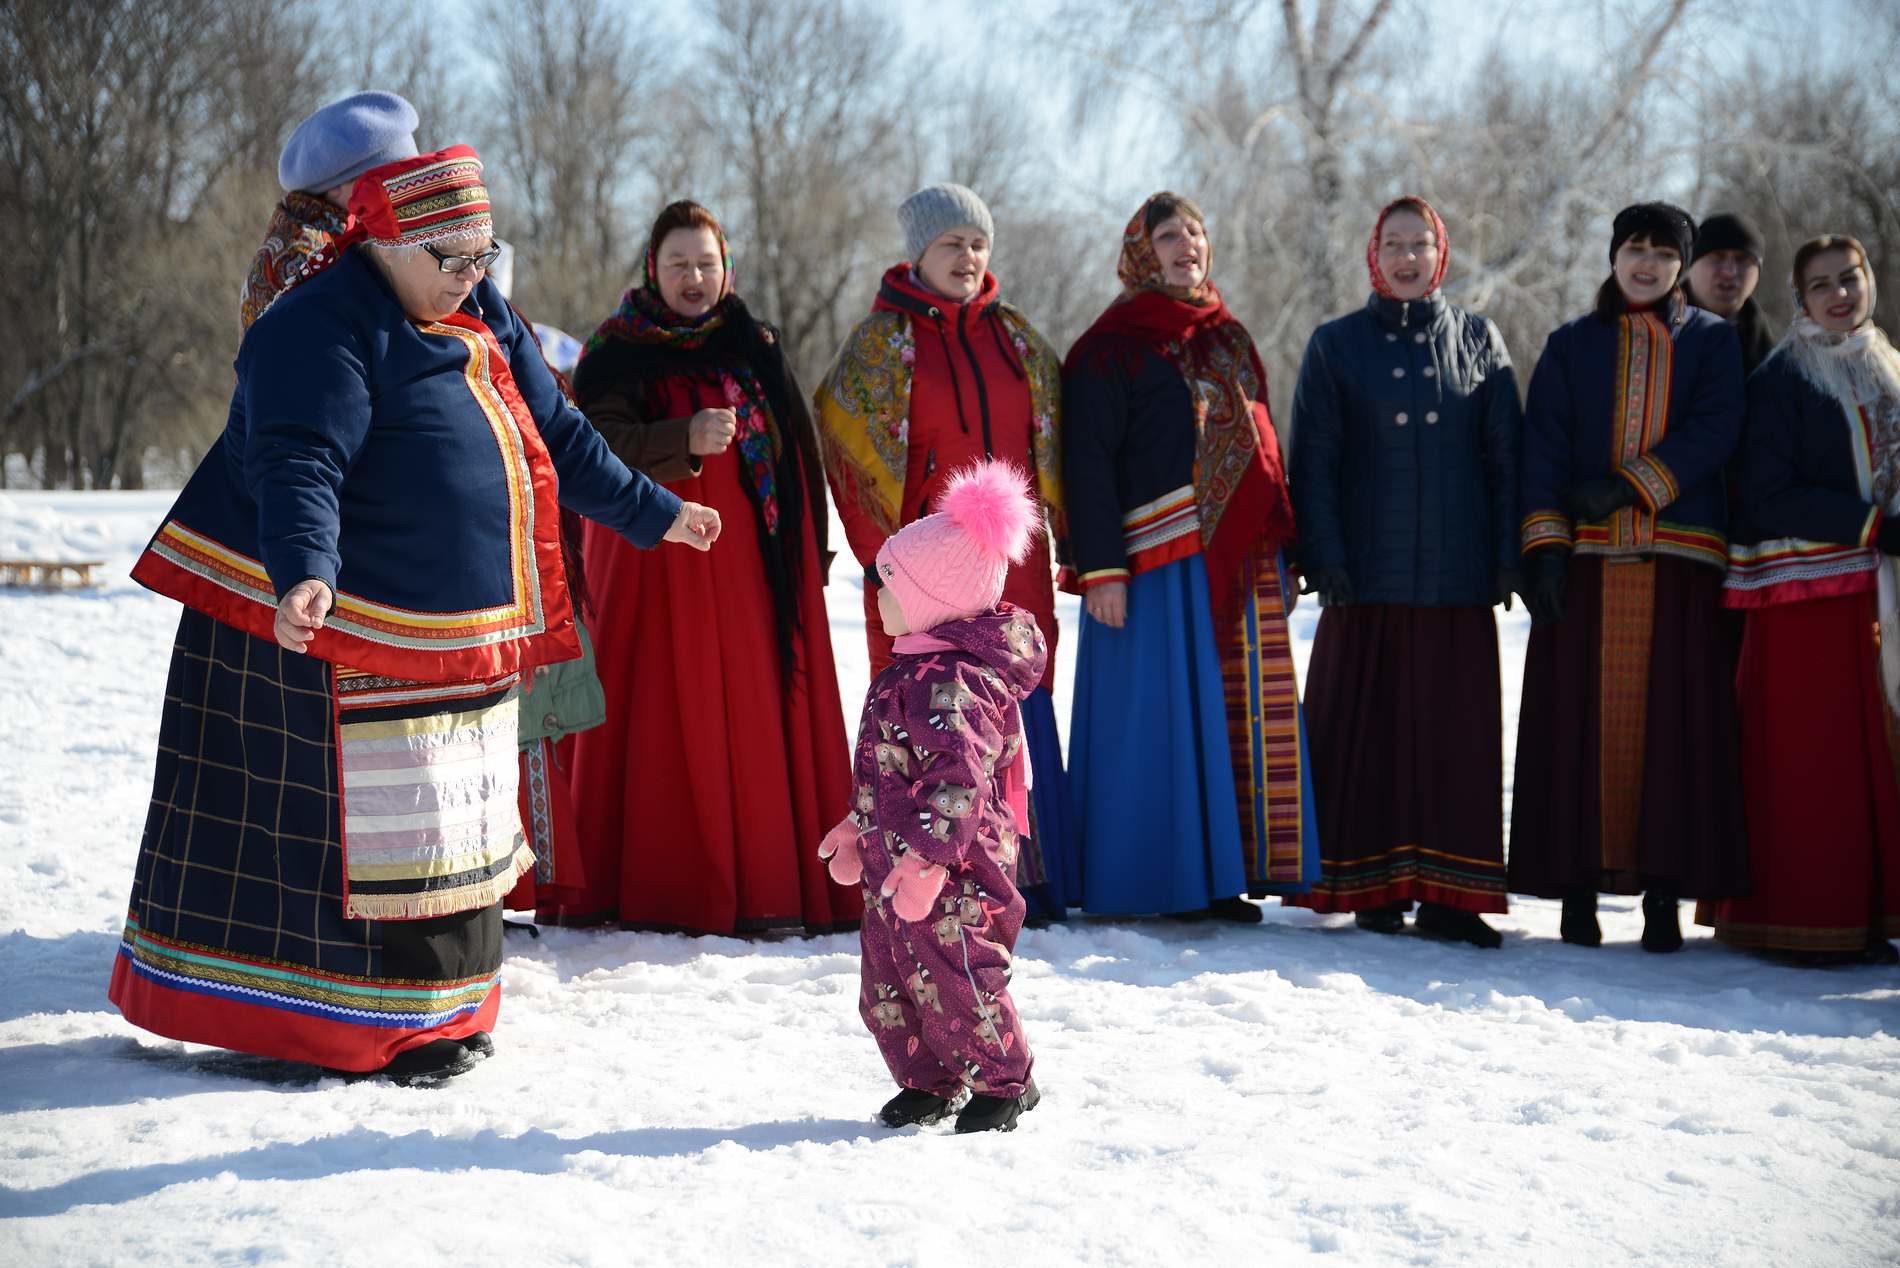 Зимушка-Зима прекрасная, пусть придет Весна Красная. Тебе пора спать, отдыхать, сил набирать.